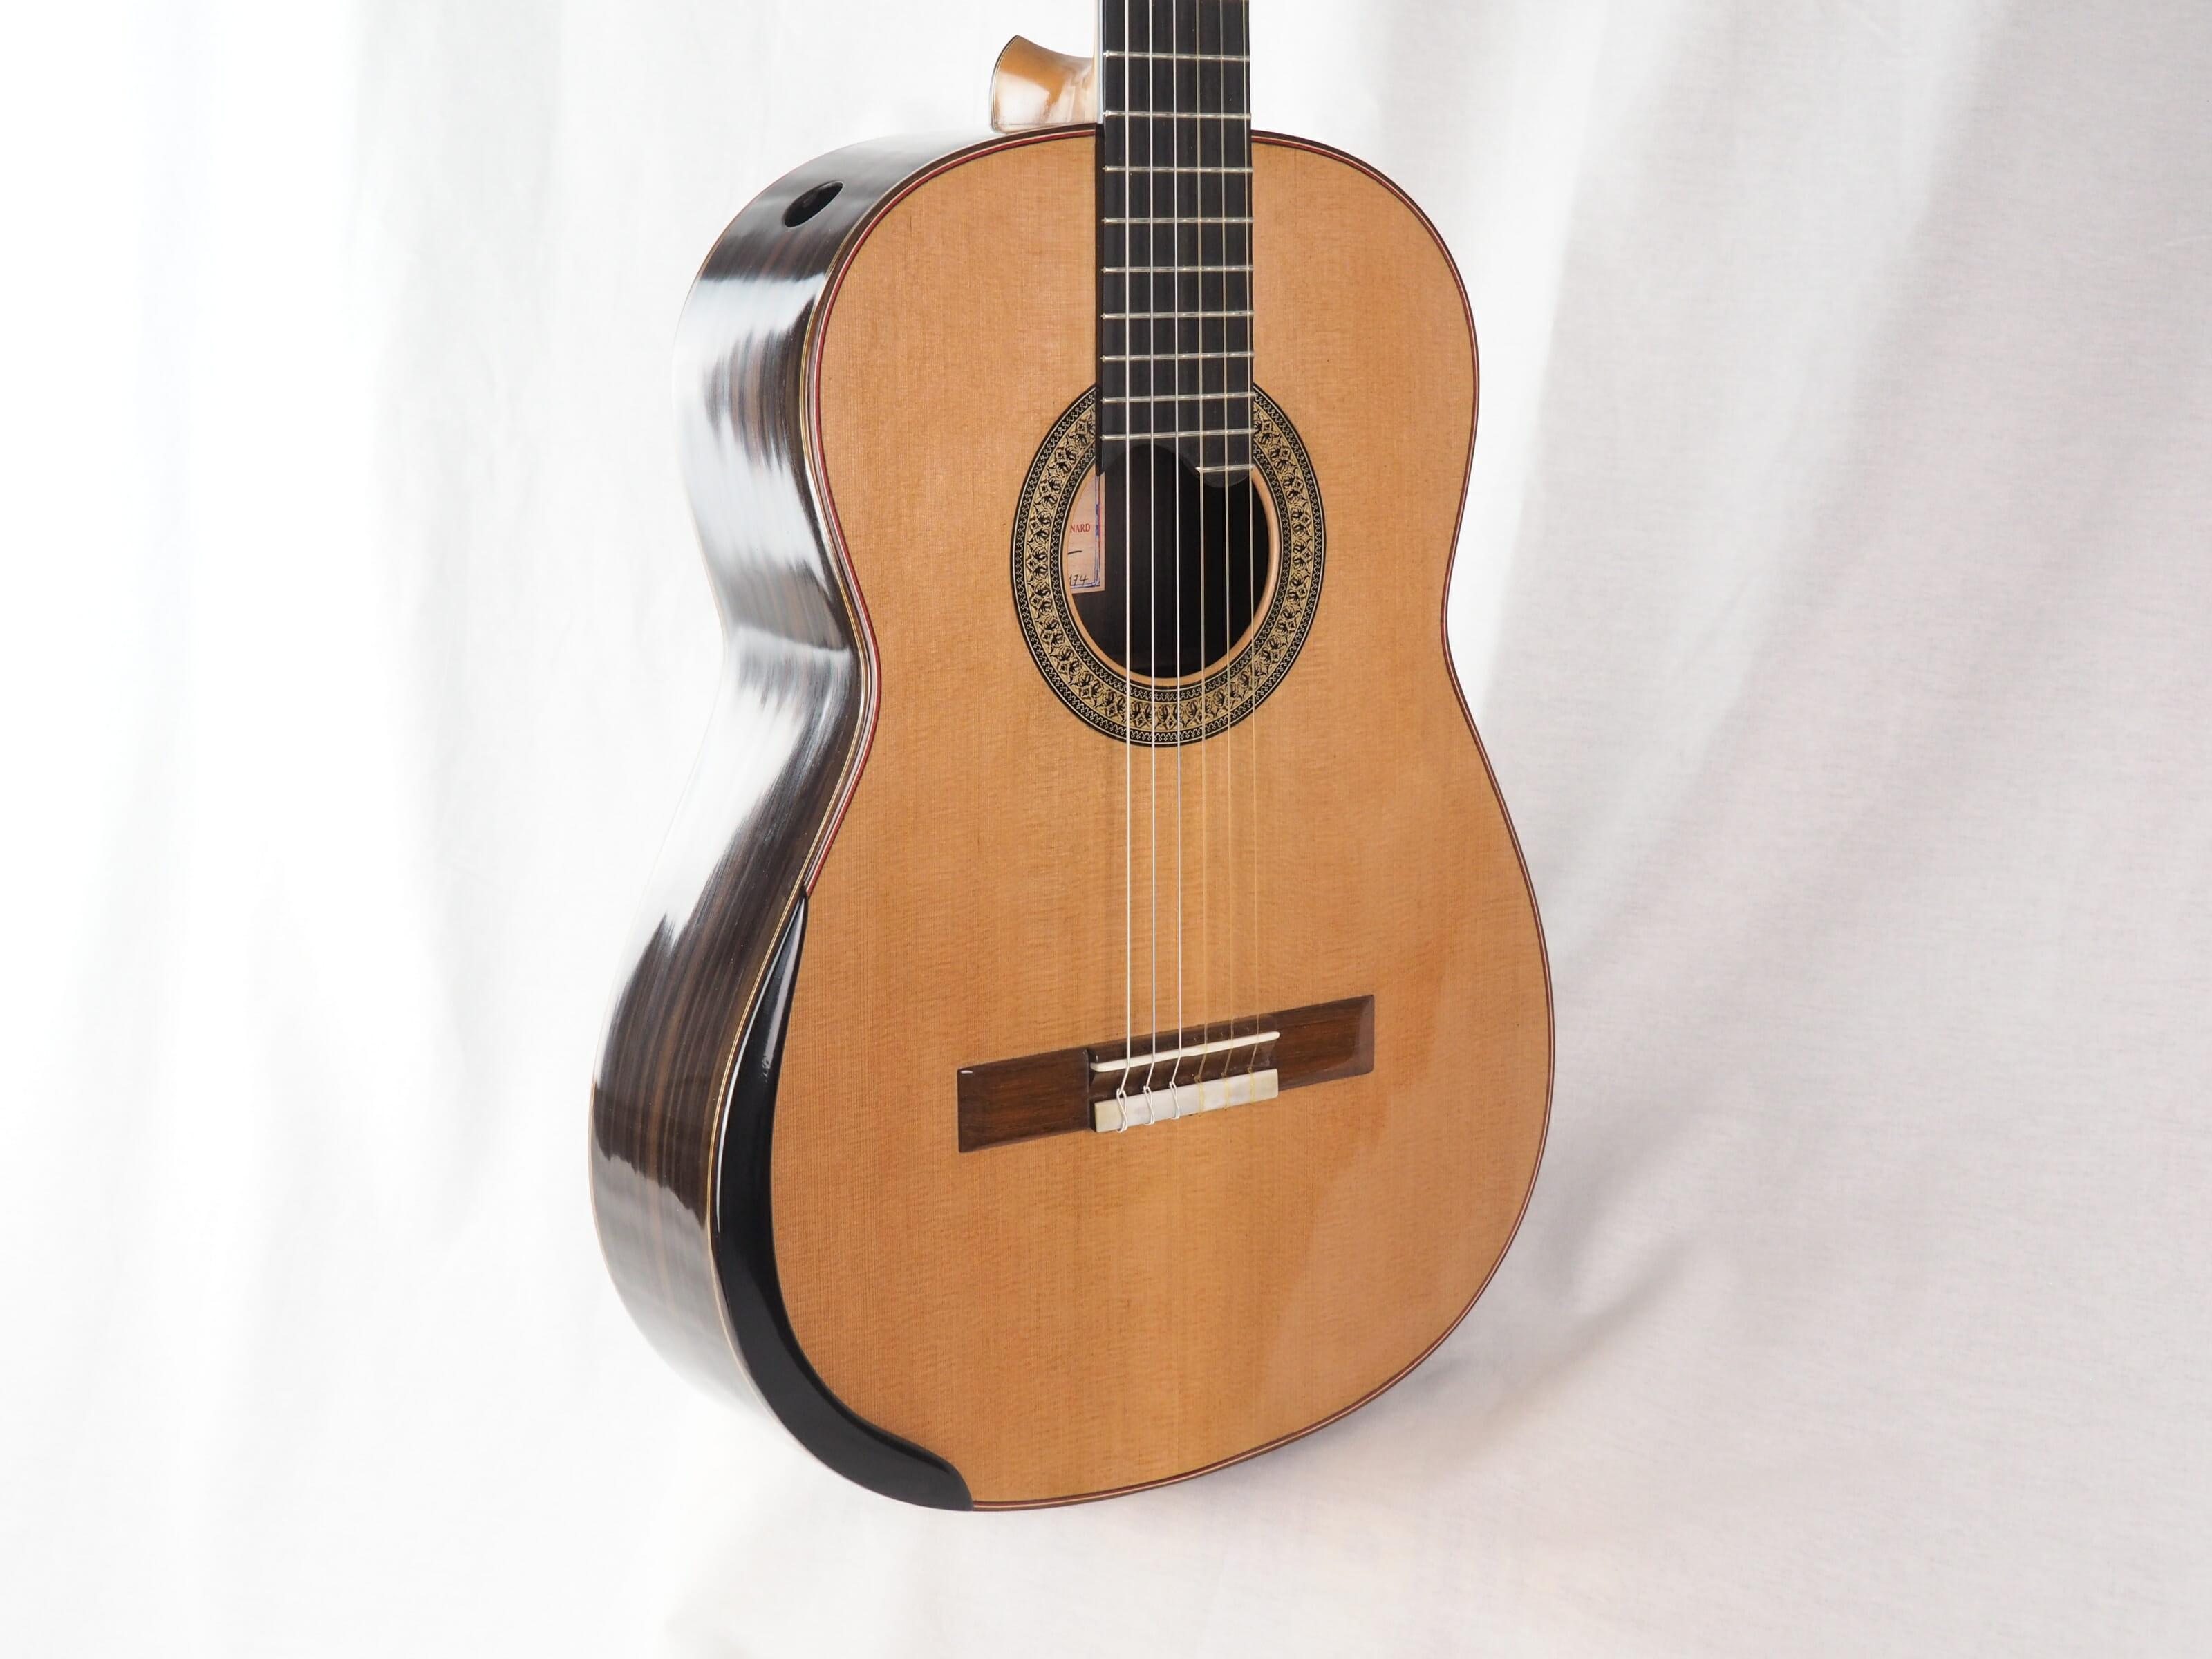 Jean-Noel Lebreton luthier guitare classique No 19LEB192-06